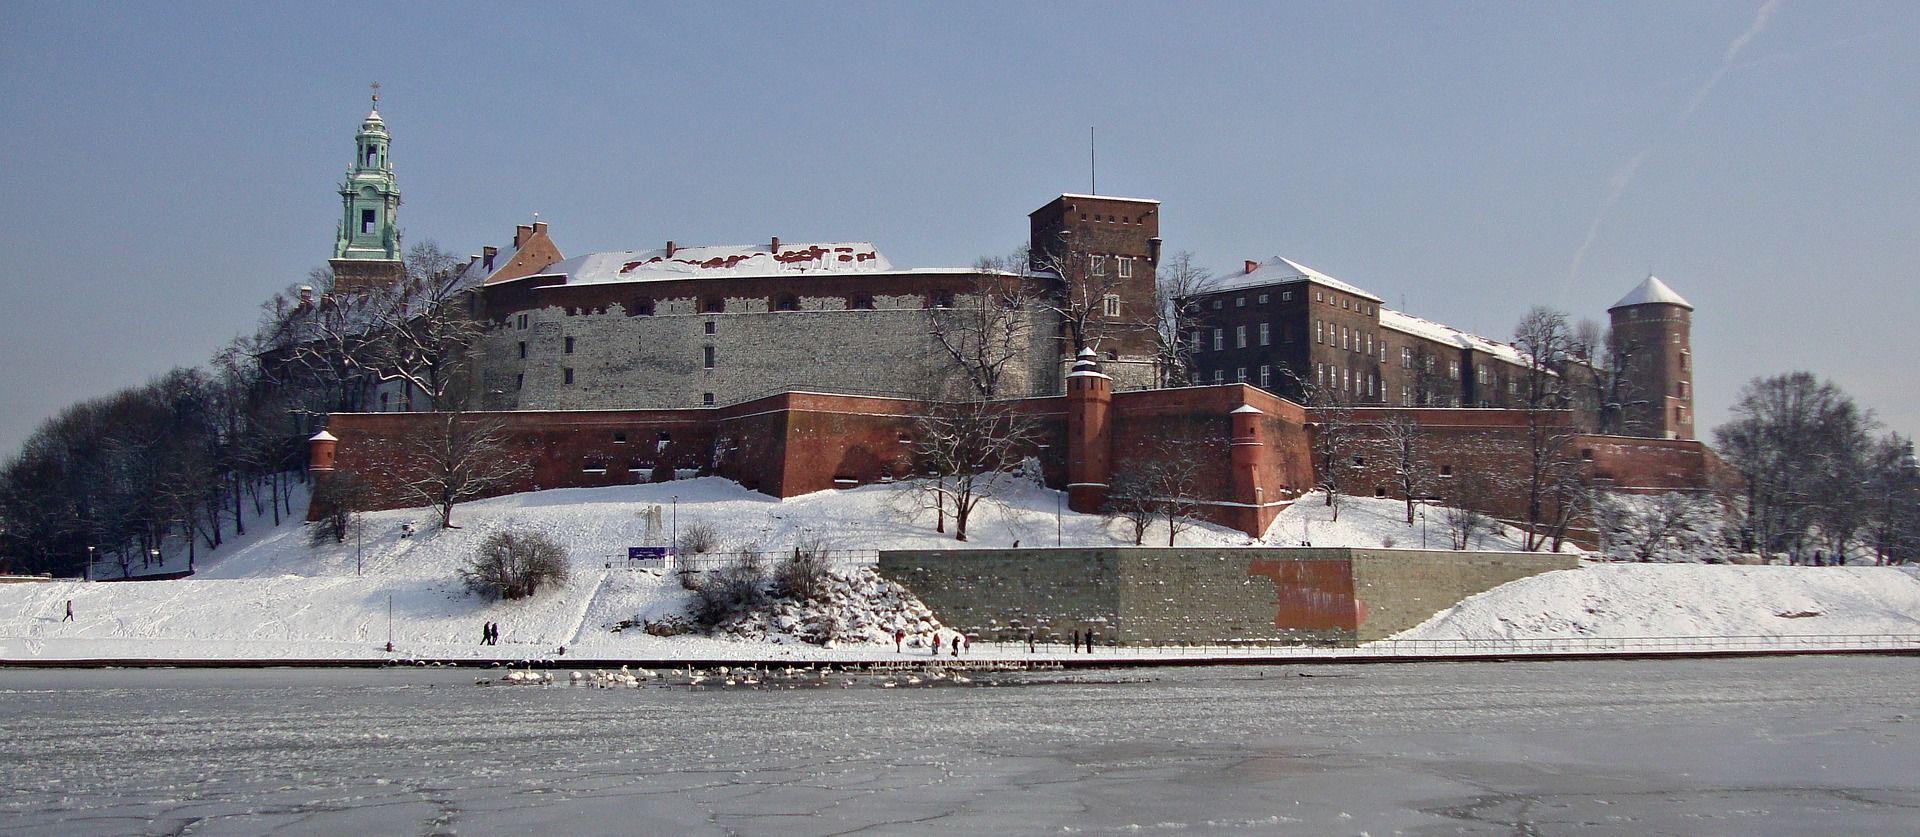 krakow-1680228_1920